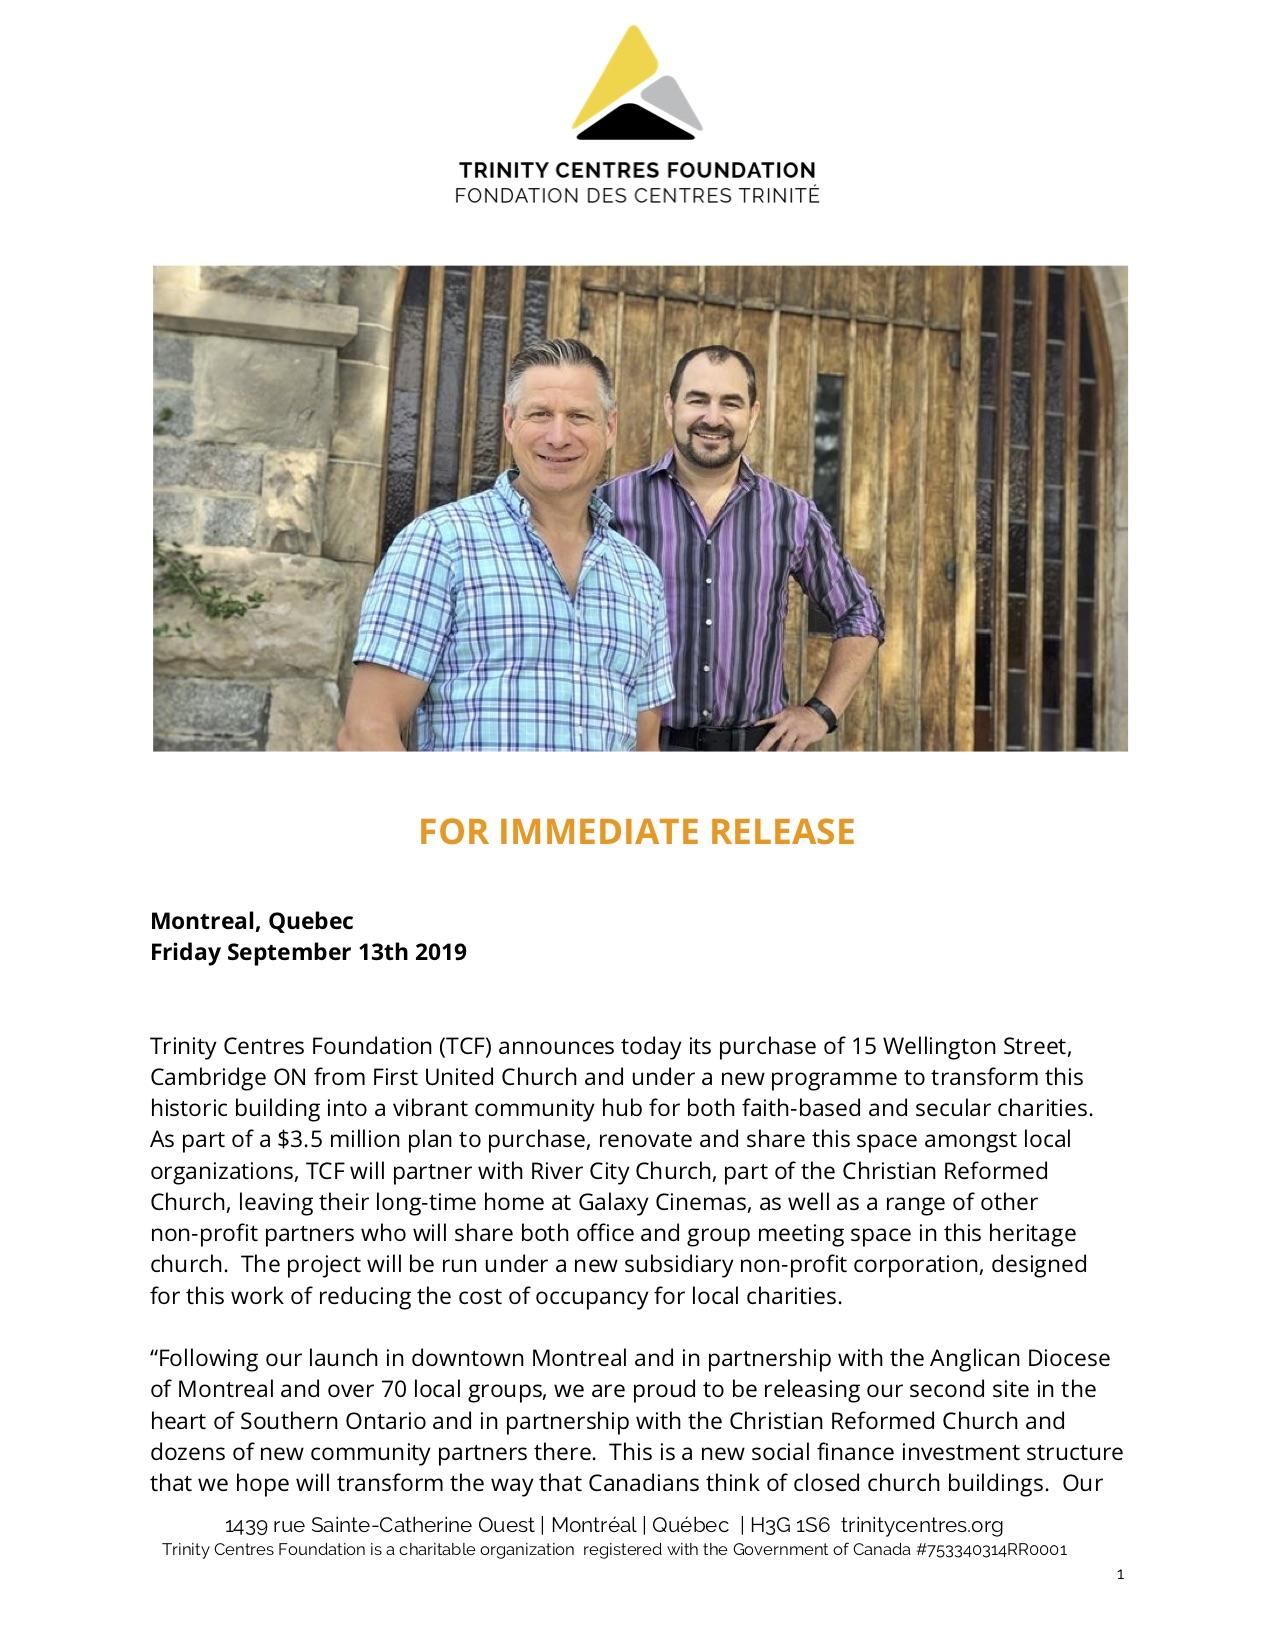 15 Wellington Press Release  (1).jpg